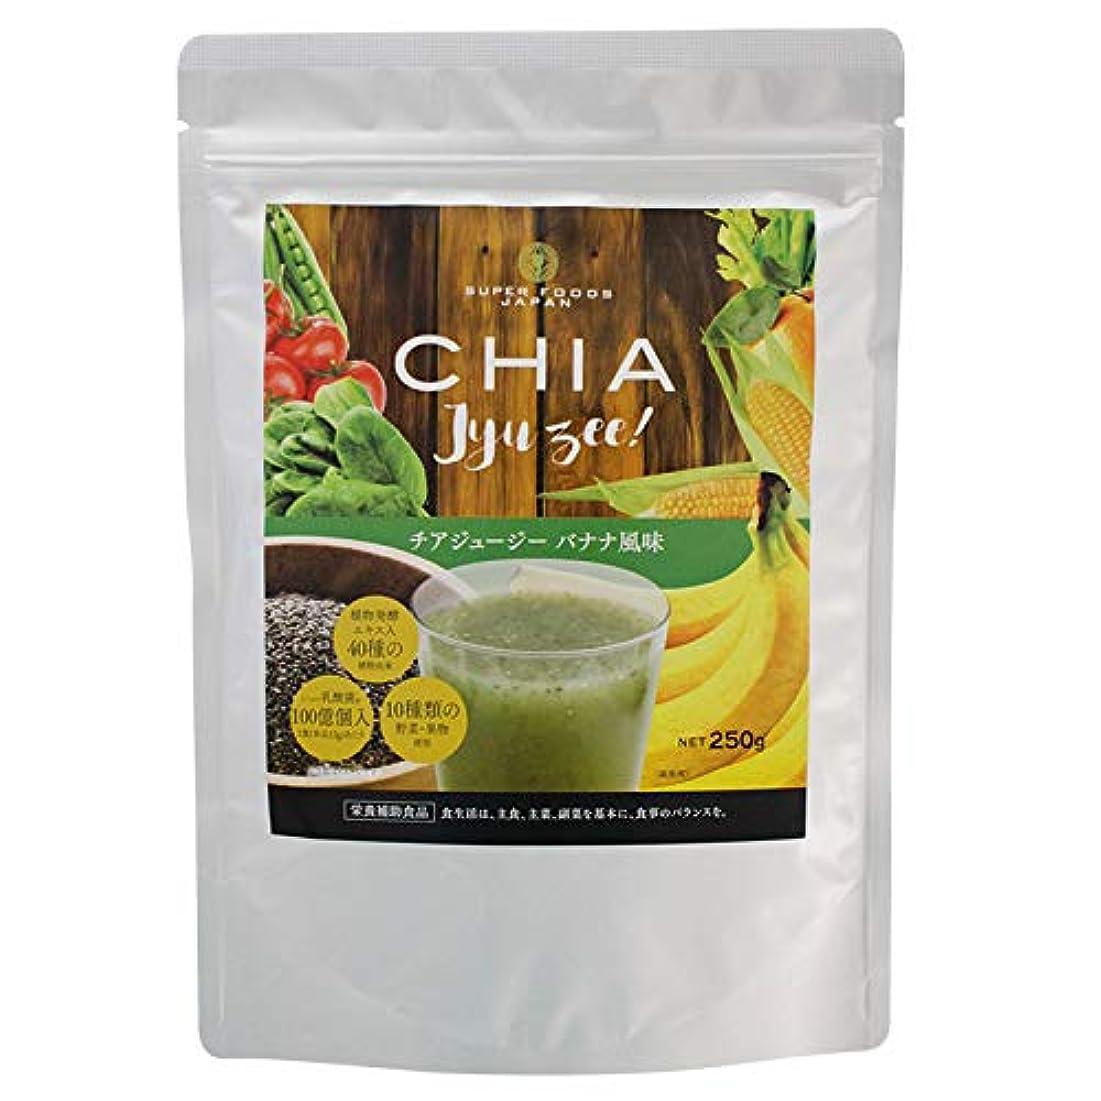 バッフル原点安息チアジュージー バナナ風味 250g ダイエット スムージー 酵素 チアシード 食物繊維 乳酸菌